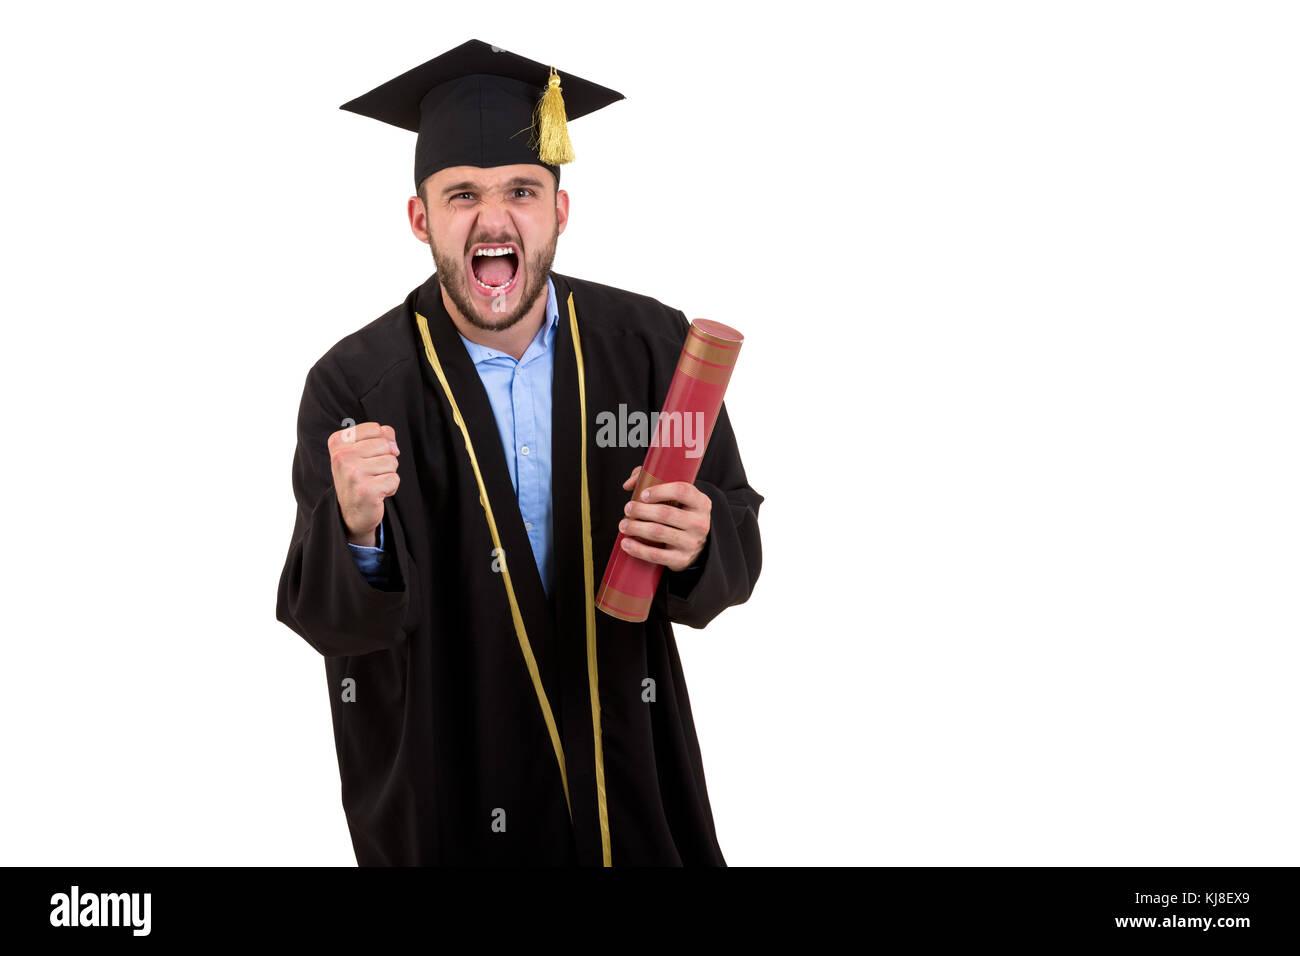 56600a68a Estudiante varón vestido de graduación en gestos con las manos aislado  sobre fondo blanco. Imagen